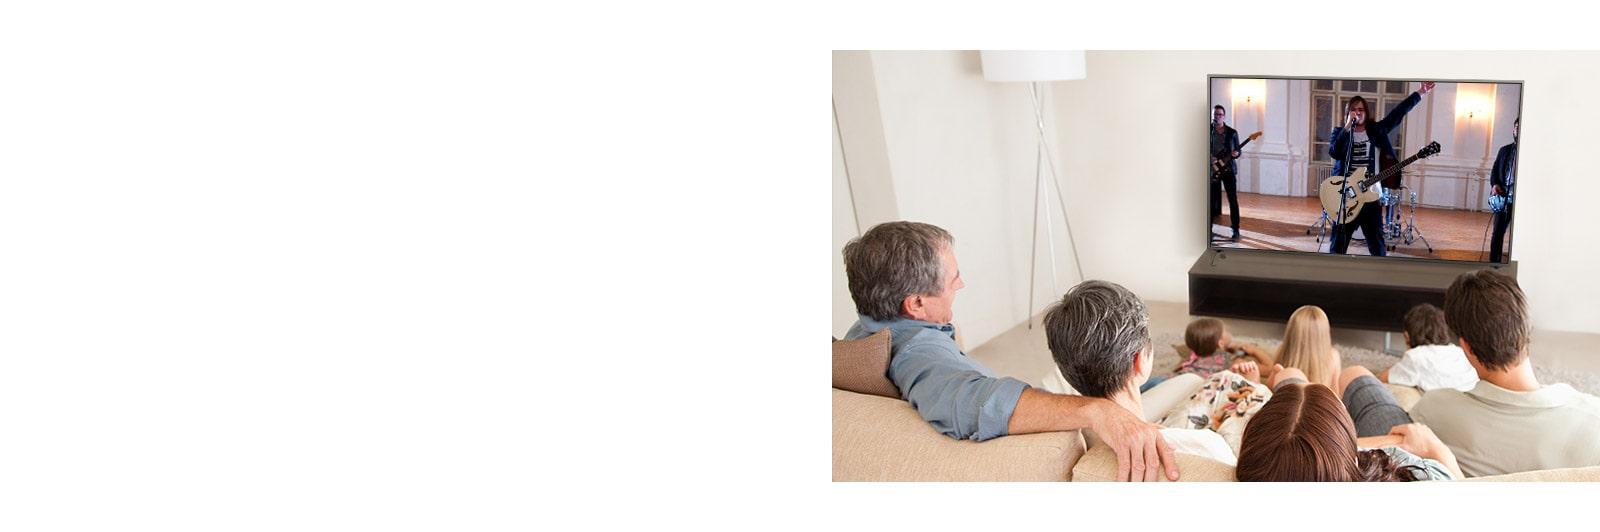 Una familia de siete personas reunida en la sala, viendo una película. La pantalla de TV muestra una banda tocando.